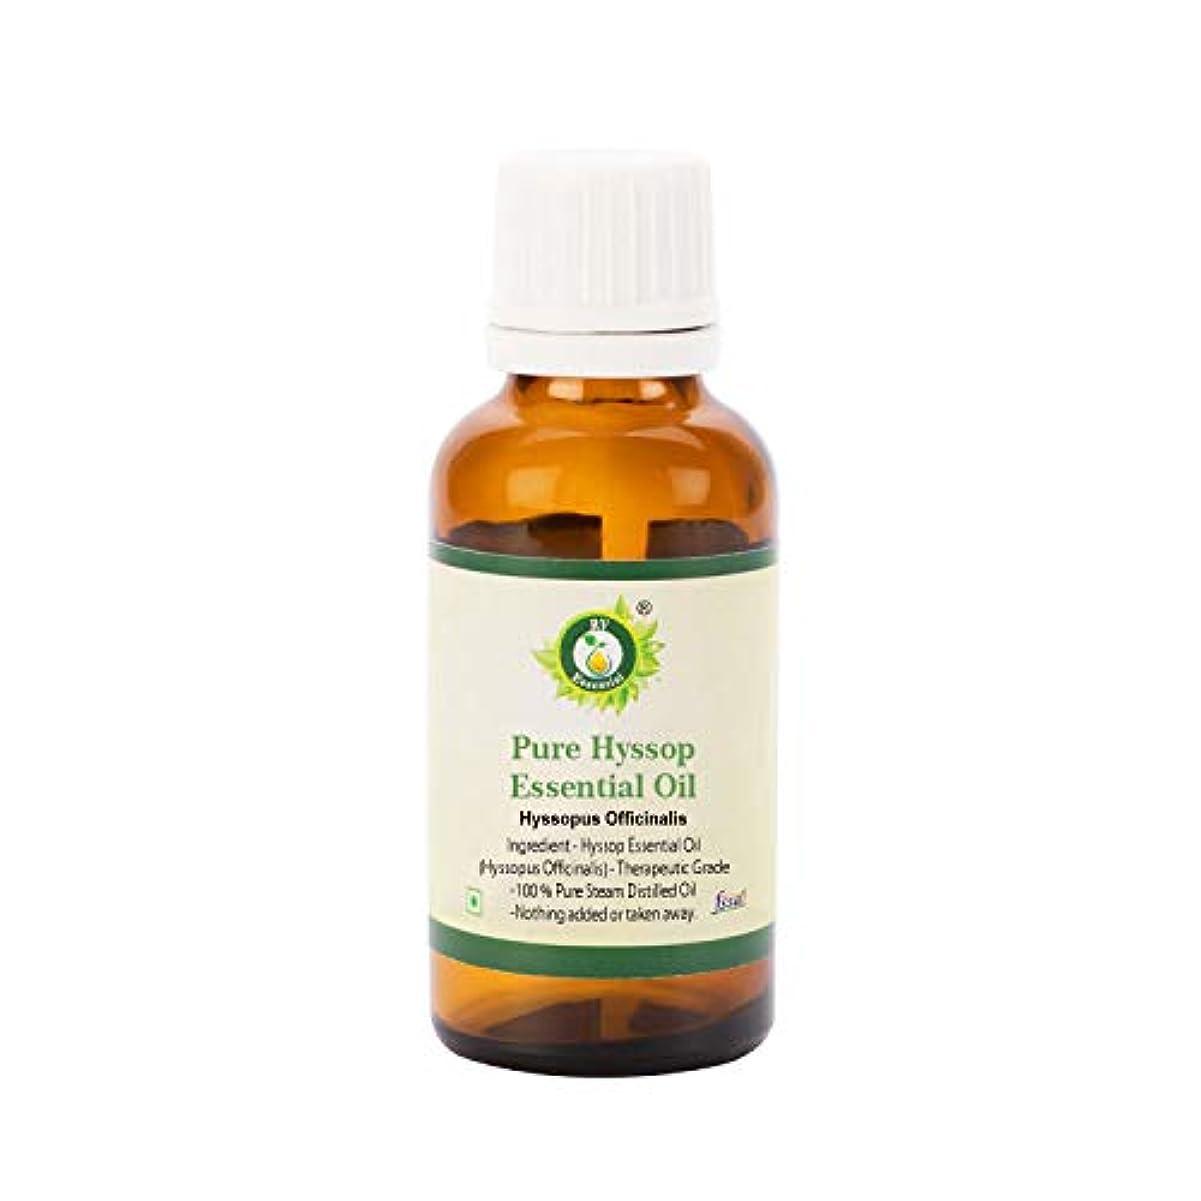 柔らかい物思いにふけるアルミニウムR V Essential ピュアヒソップエッセンシャルオイル10ml (0.338oz)- Hyssopus Officinalis (100%純粋&天然スチームDistilled) Pure Hyssop Essential...